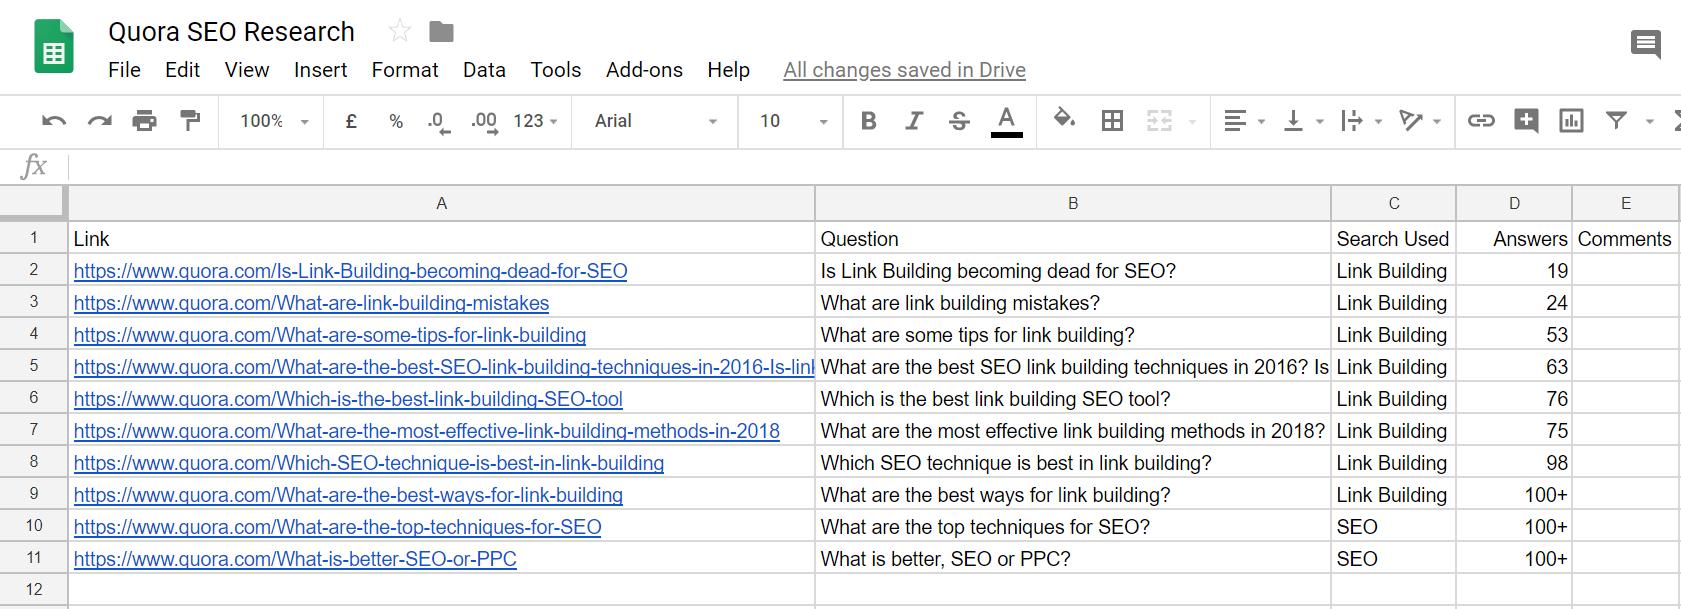 Quora Google Drive